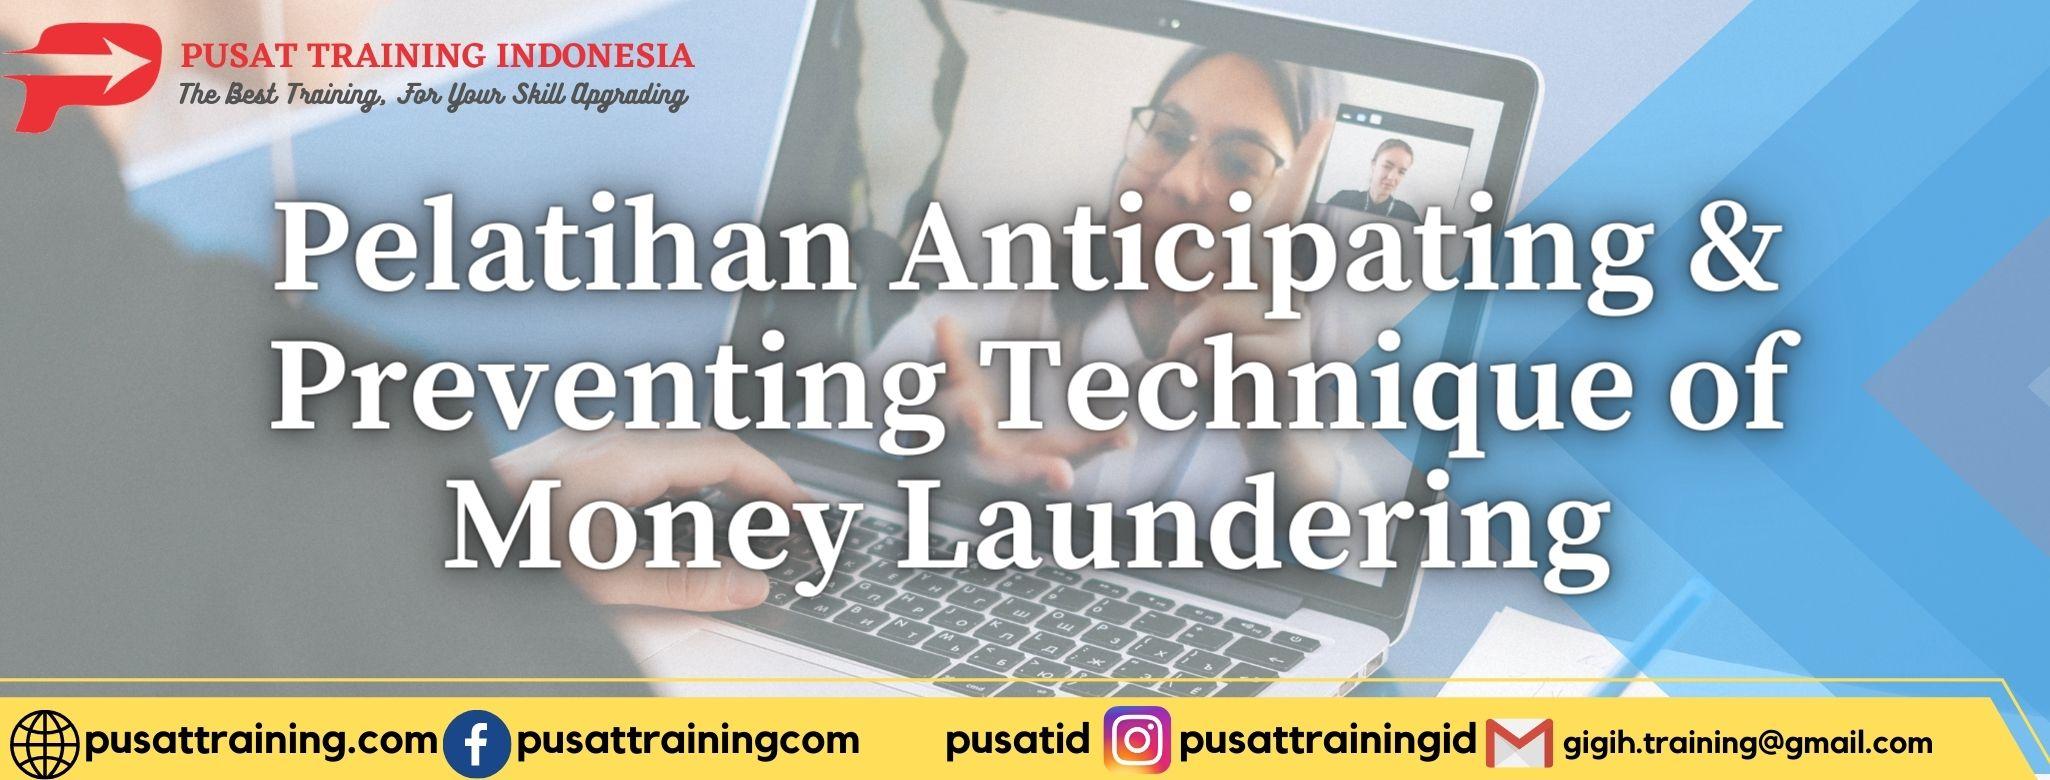 Pelatihan-Anticipating-Preventing-Technique-of-Money-Laundering-